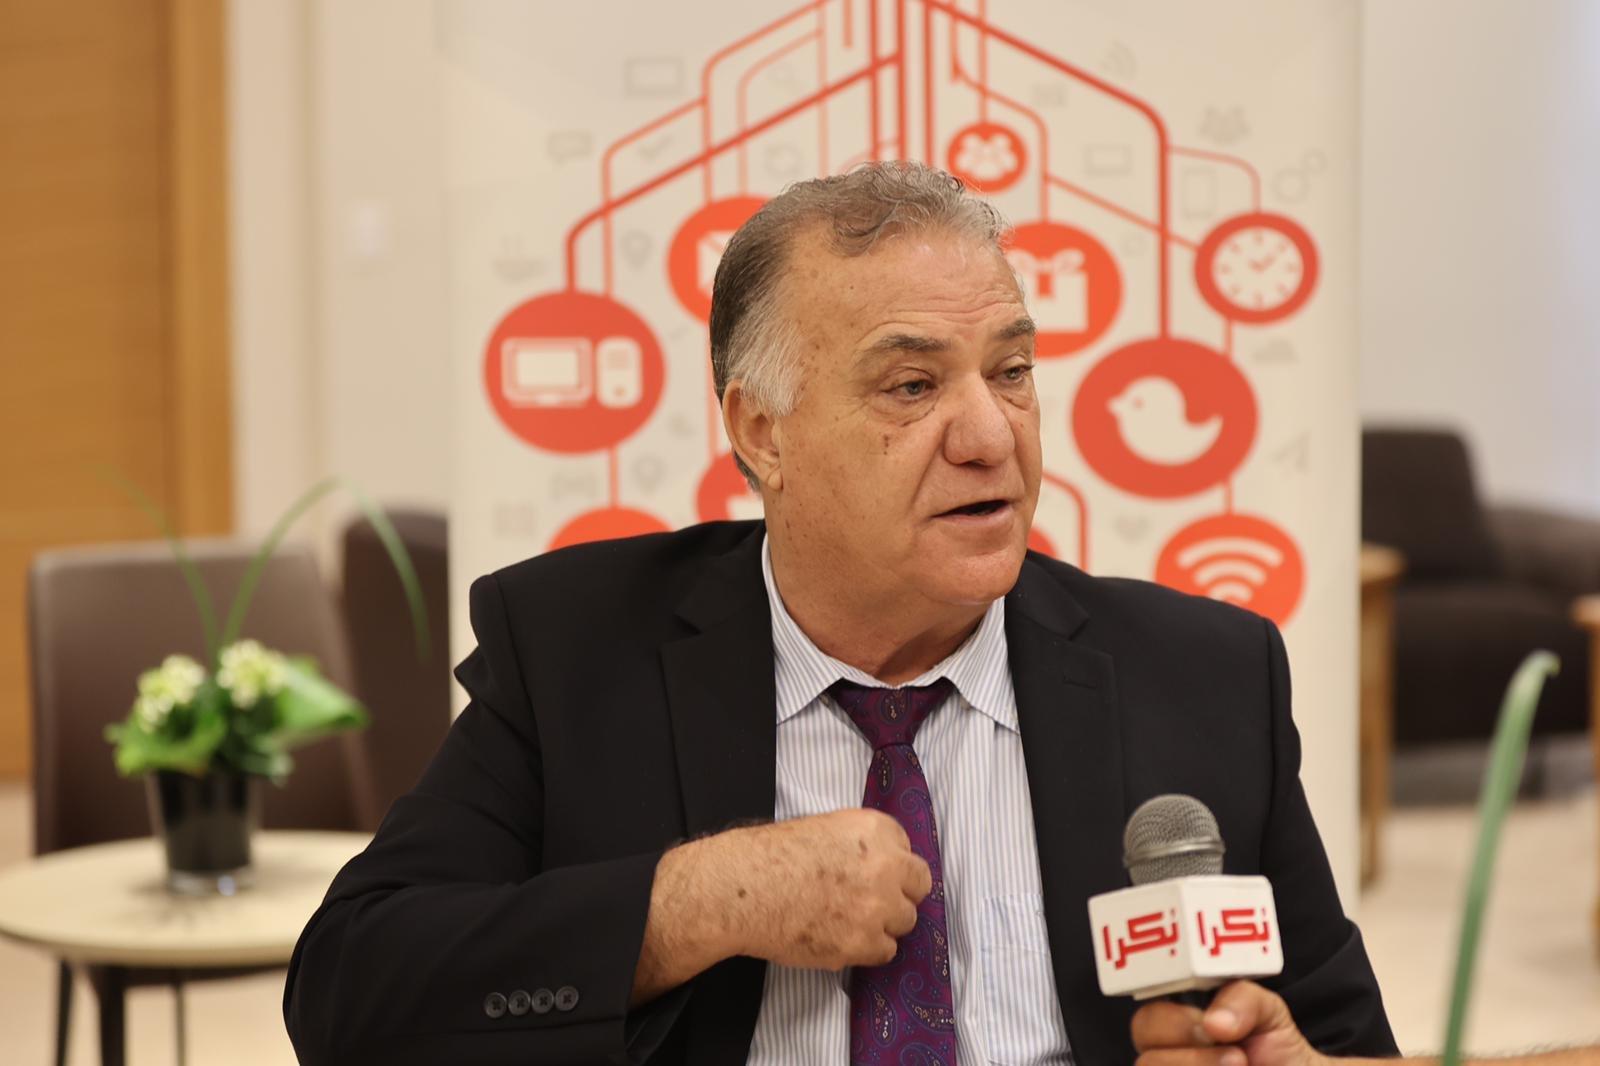 مشاركة كبيرة ومحاضرات هامة في المؤتمر الاقتصادي للمجتمع العربي بالناصرة-17